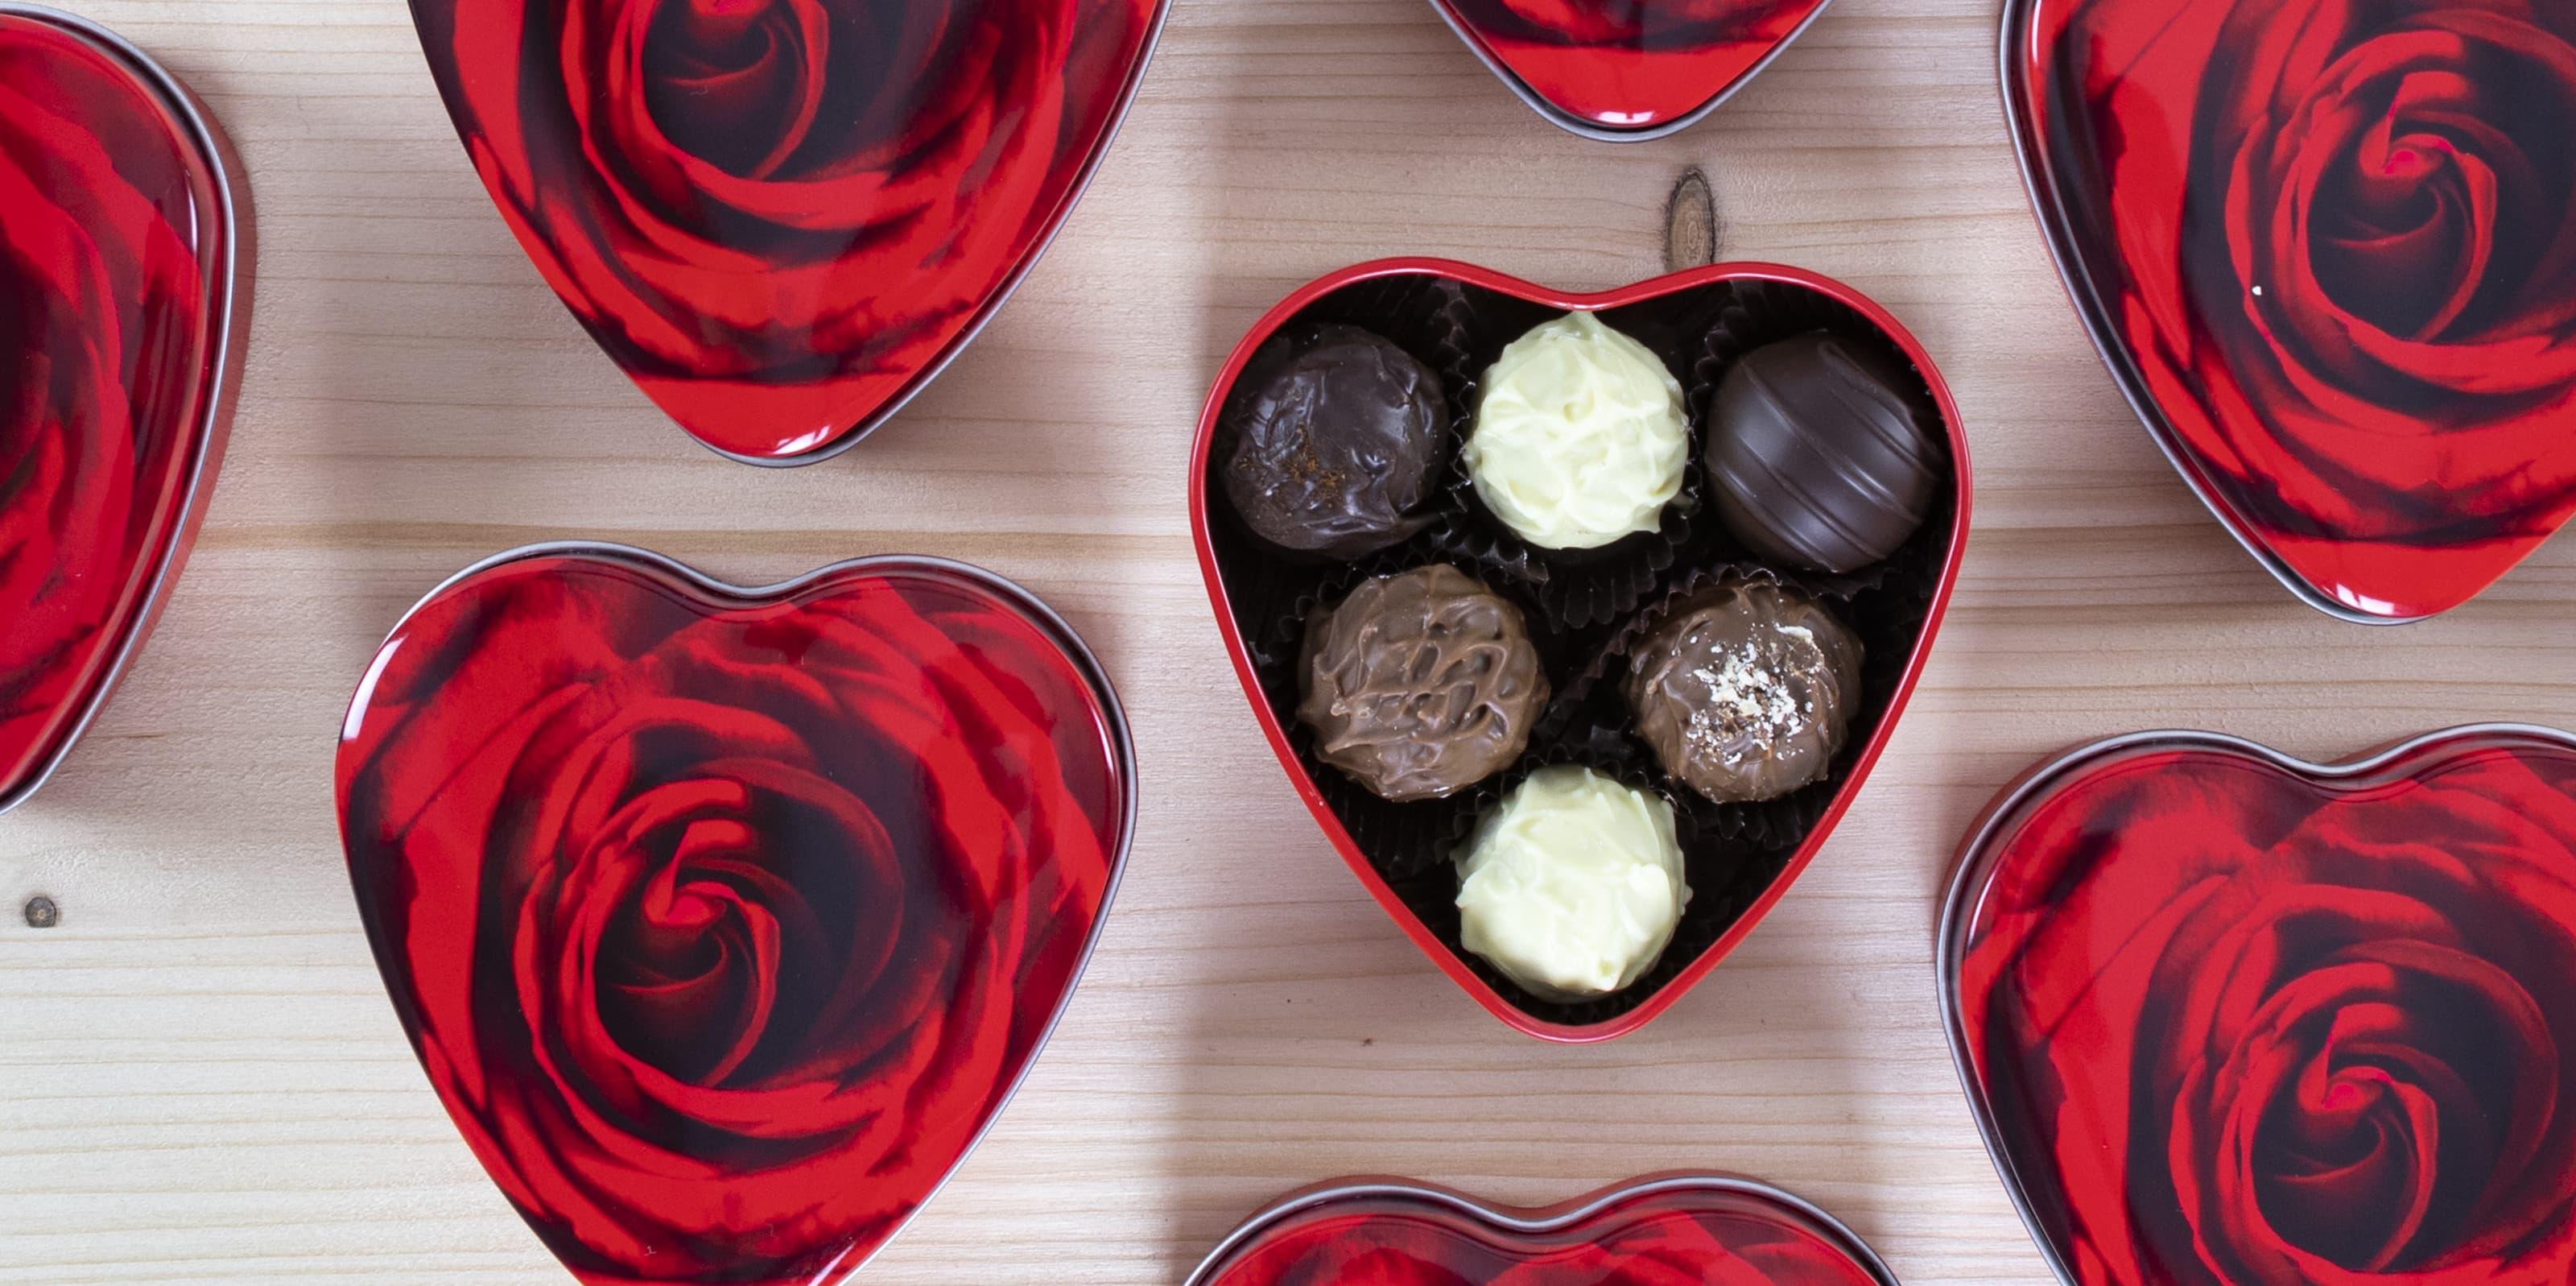 Schenken Sie süße Freuden zum Valentinstag mit Pralinen von DreiMeister!